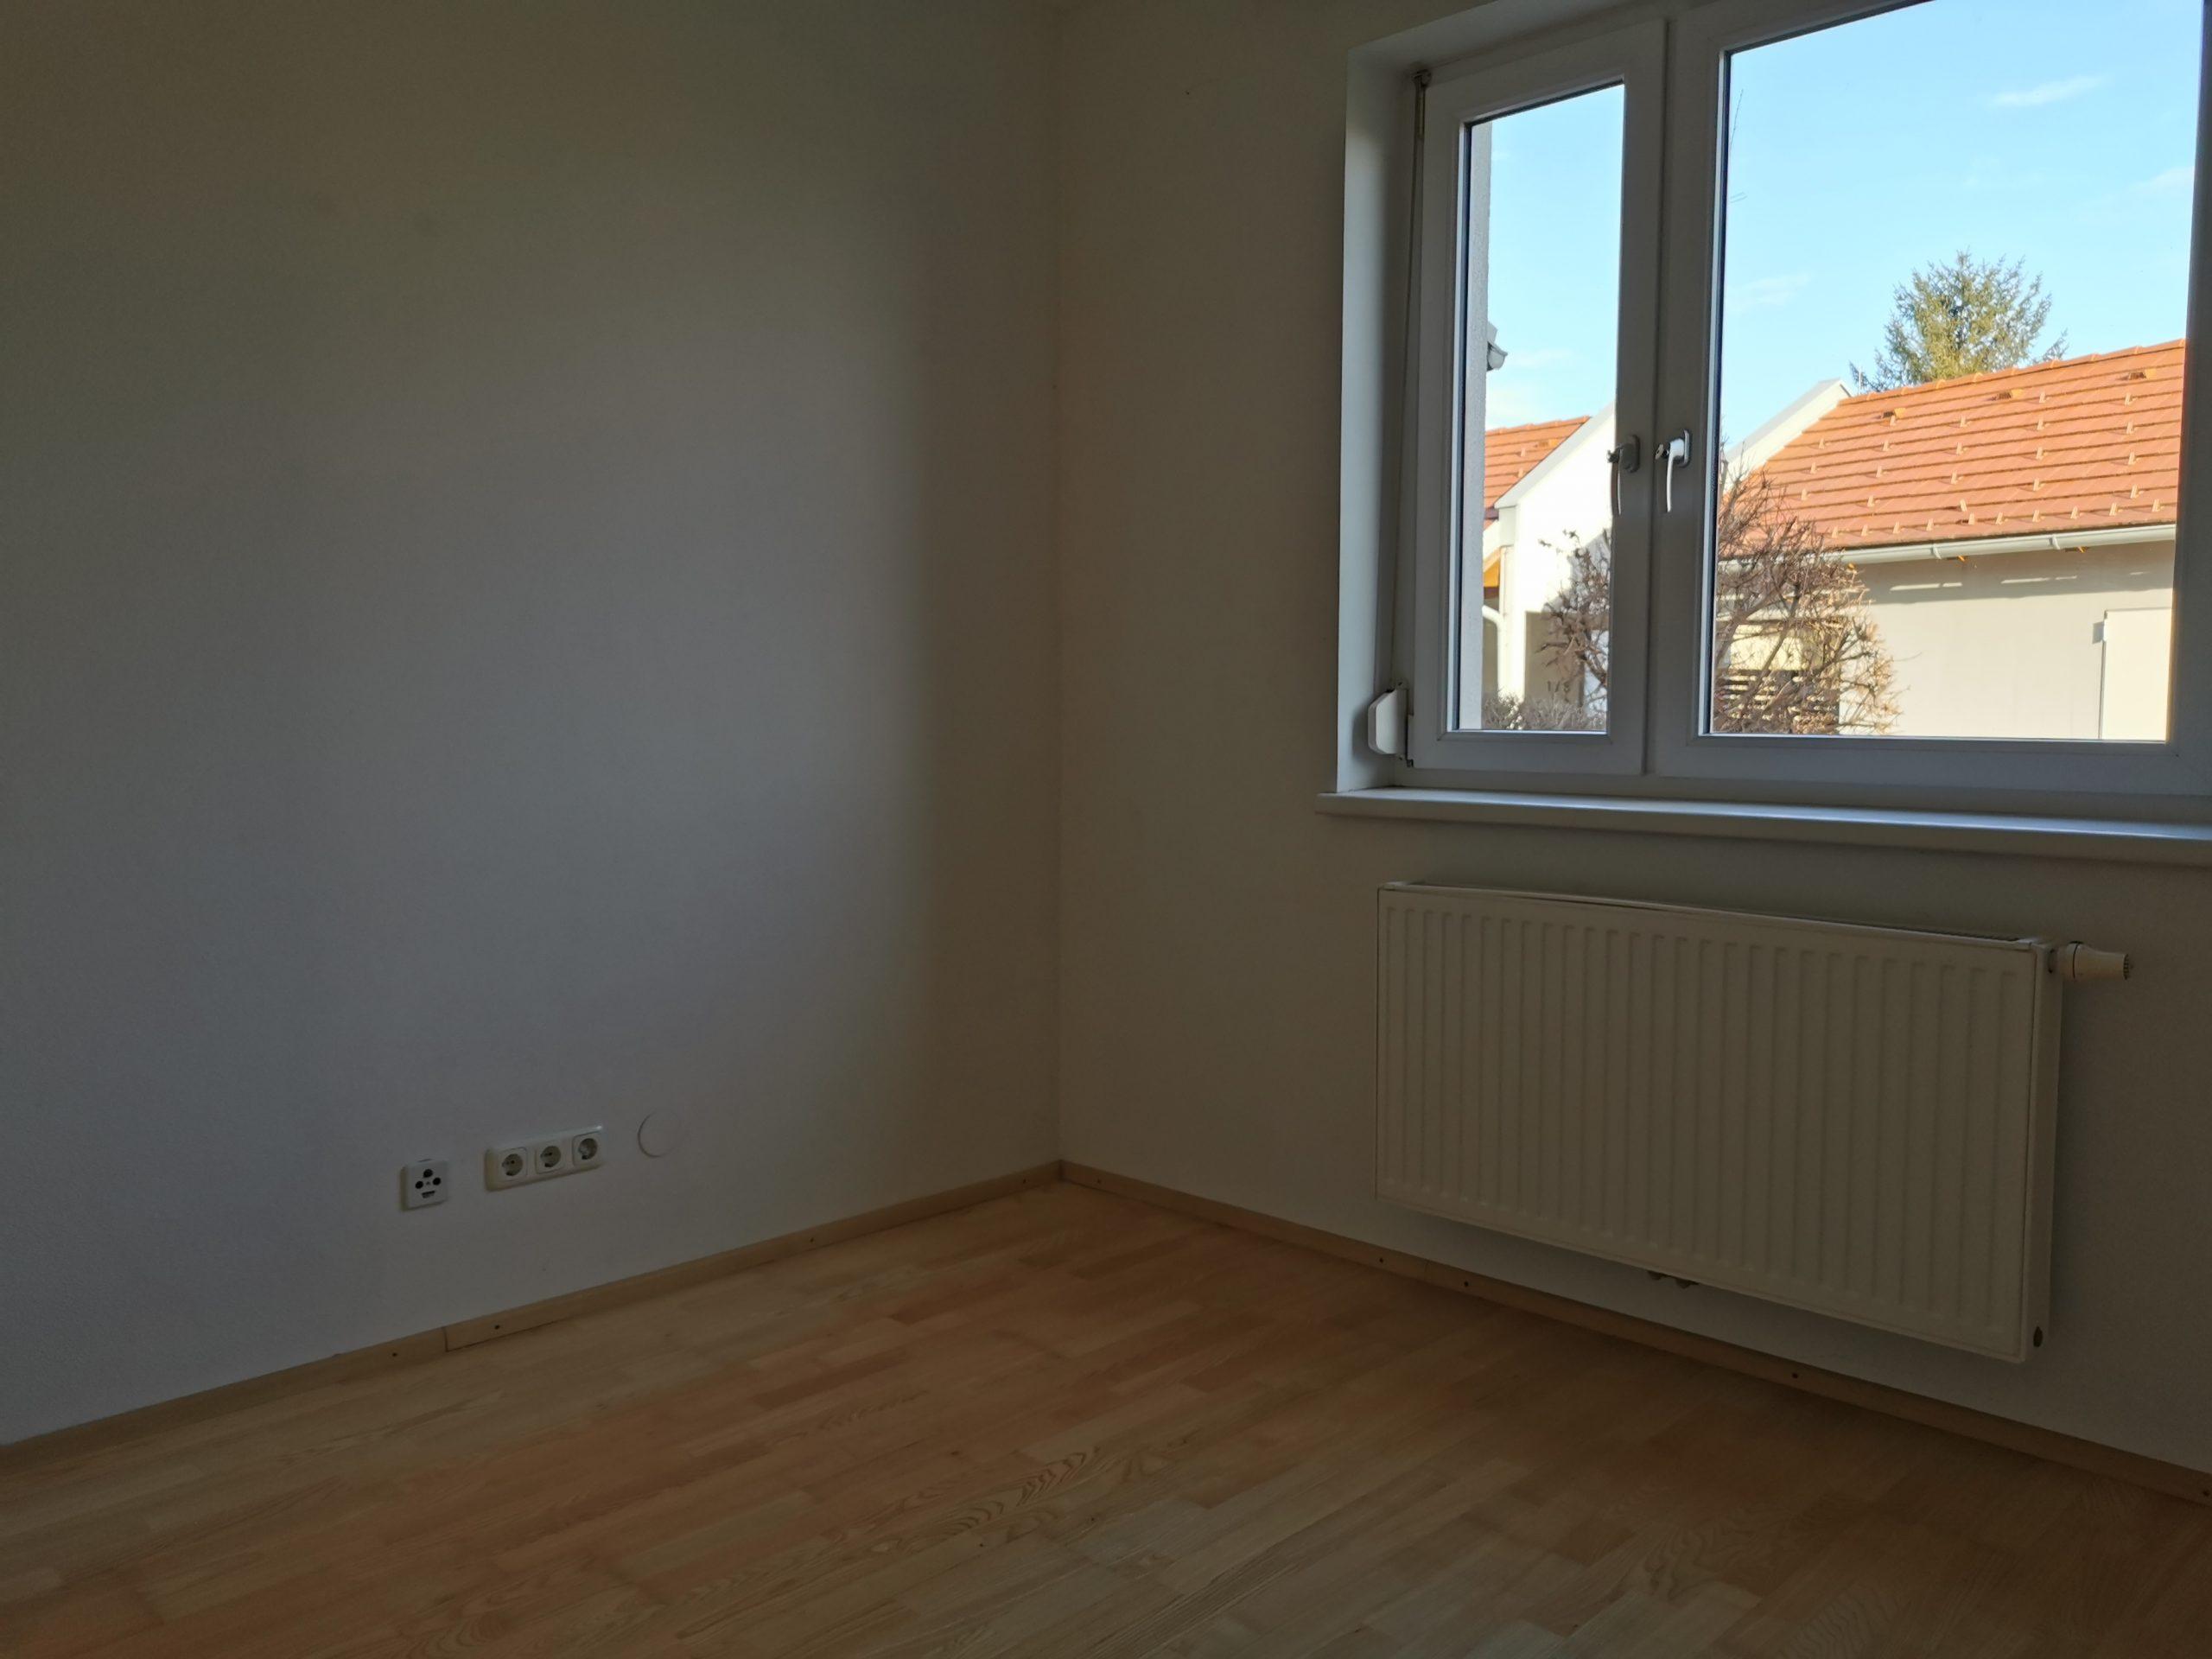 Immobilie von Kamptal in 2064 Wulzeshofen, Mistelbach, Wulzeshofen I/1 - Top 103 #4